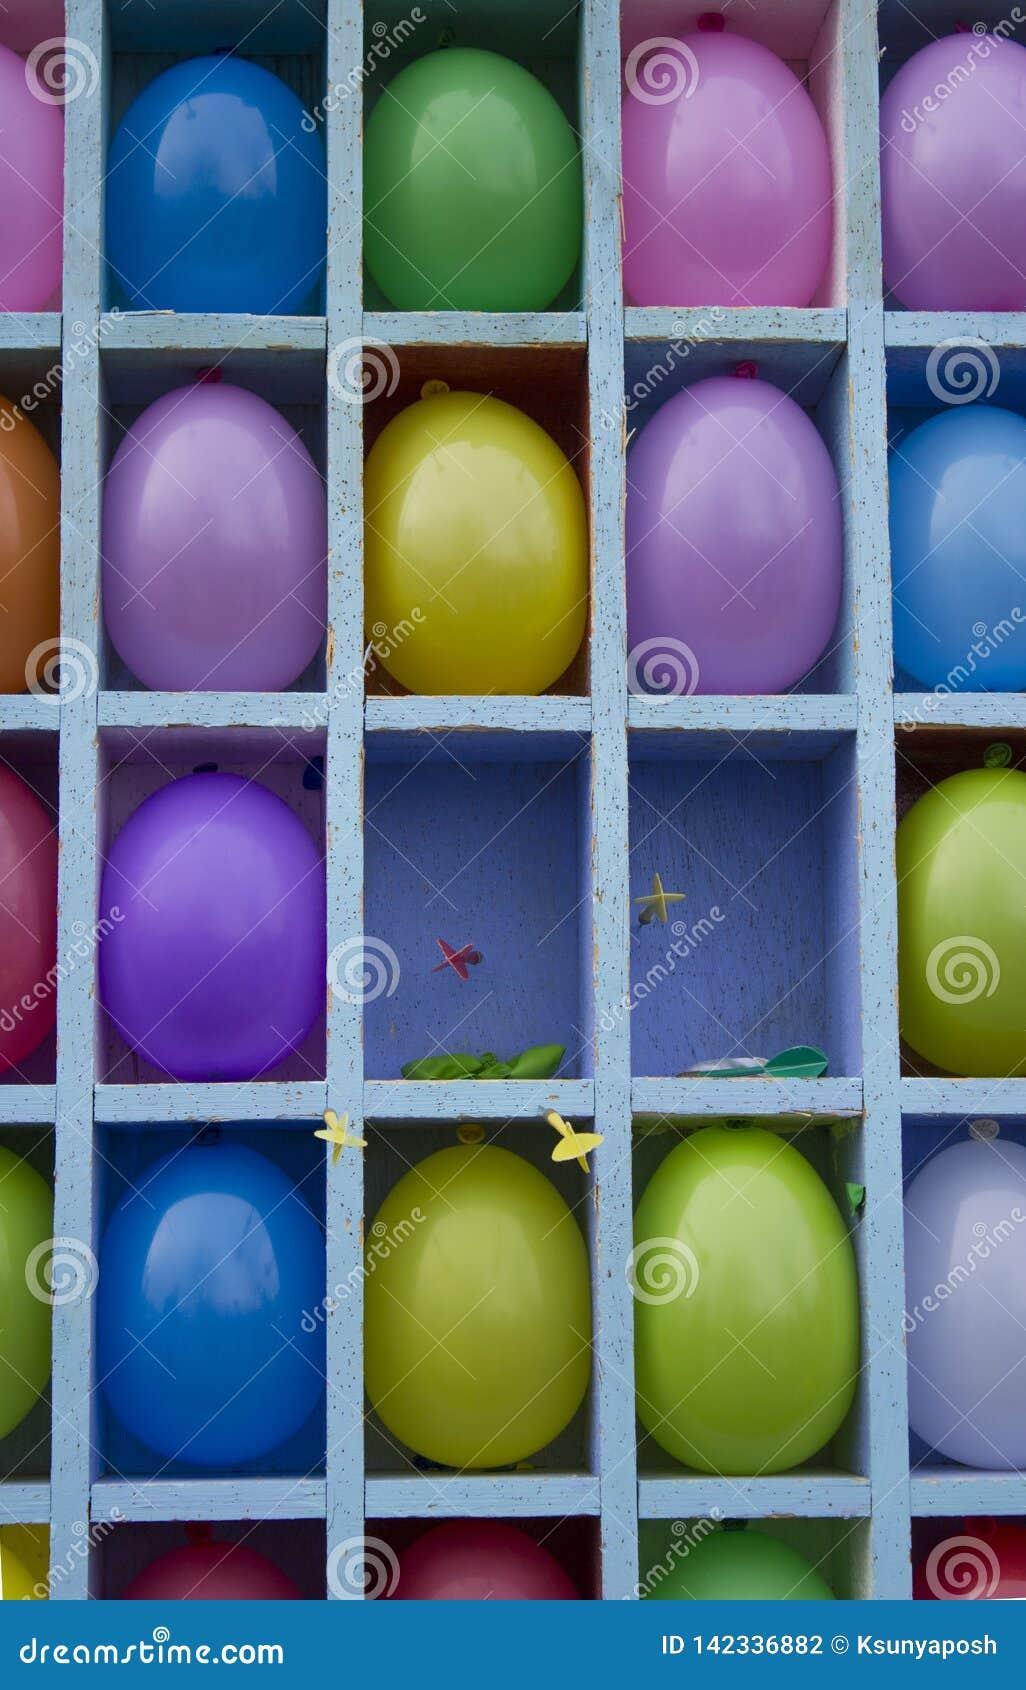 Os balões infláveis amarelos, vermelhos, roxos, azuis são divididos nos setores projetados jogar dardos